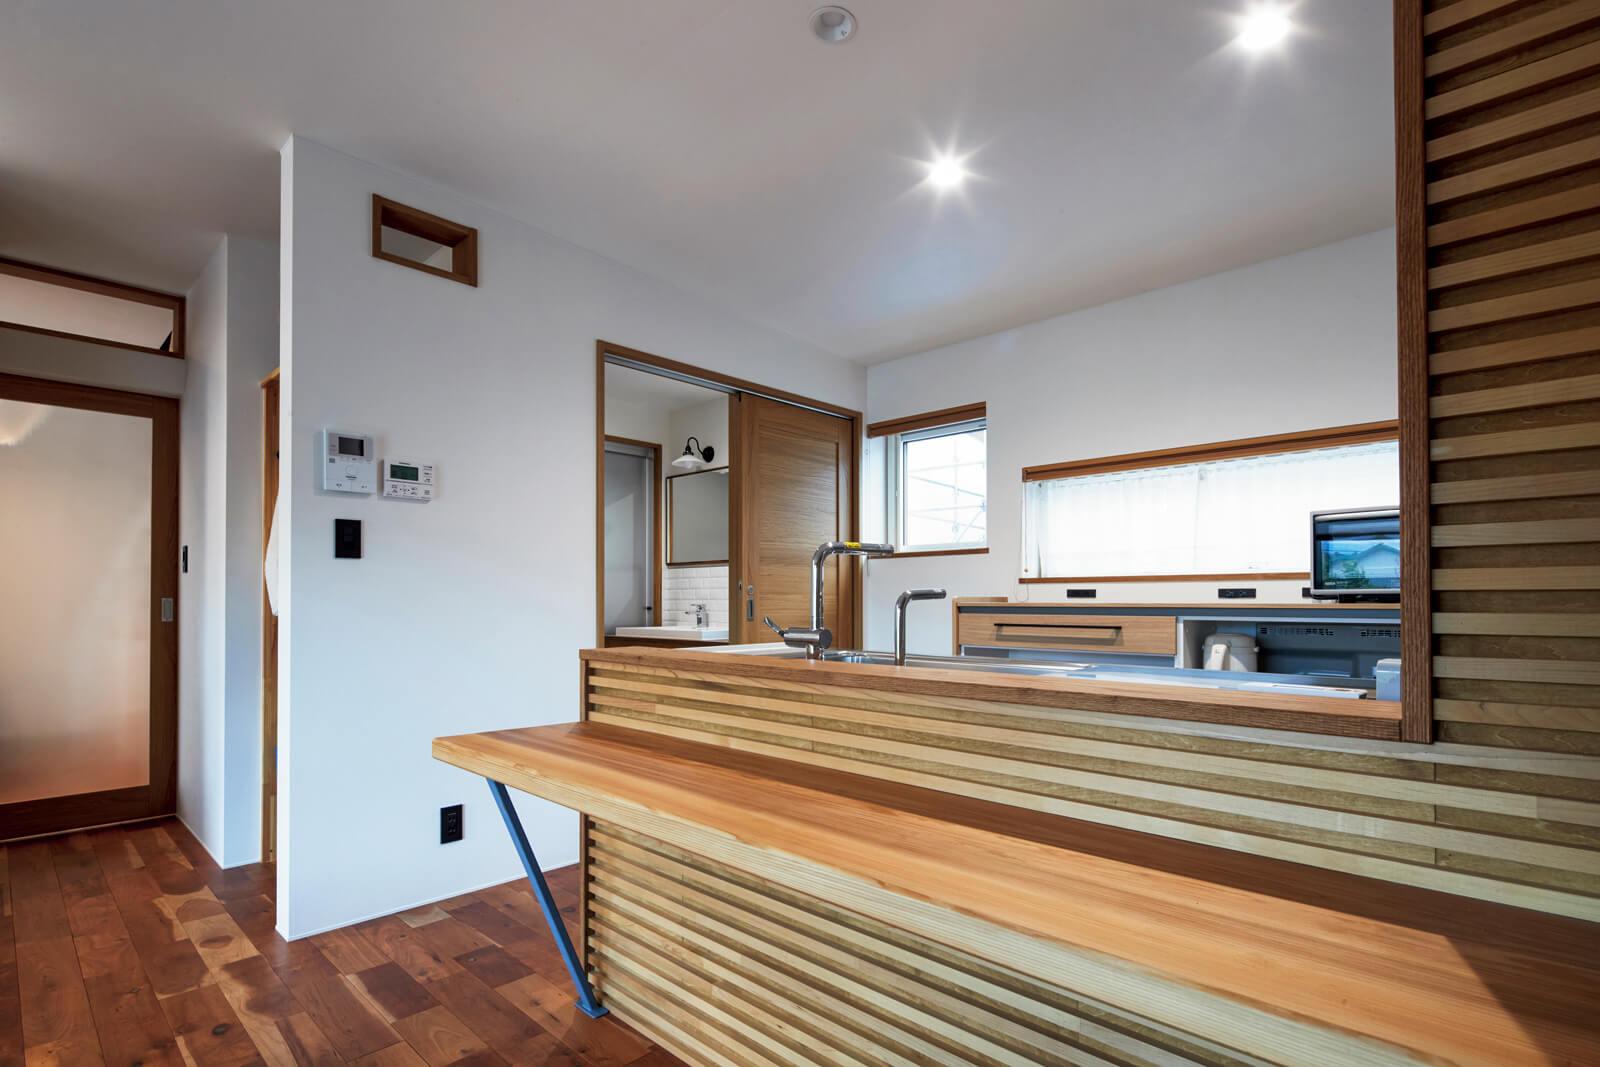 1階のキッチンカウンターには、スギの1枚板が使われている